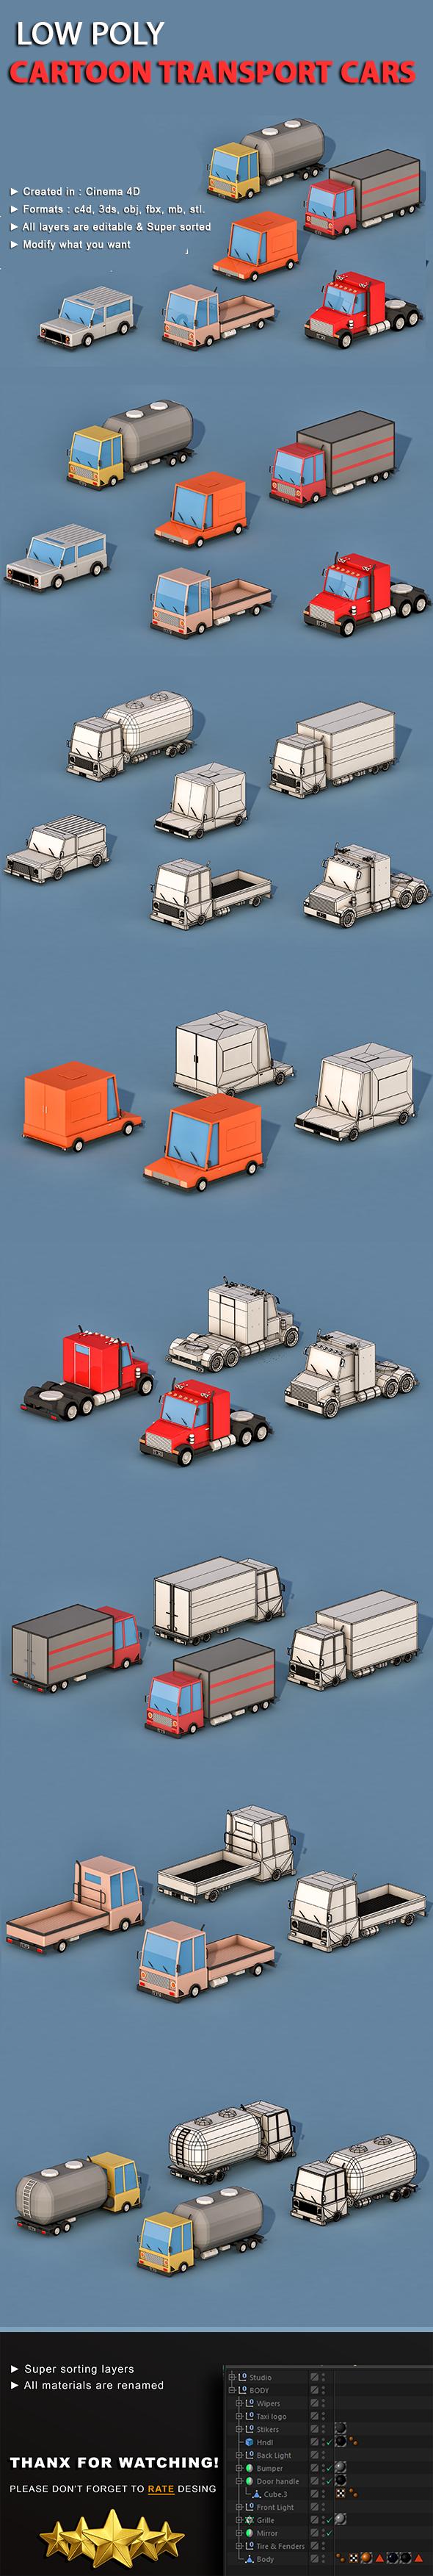 Cartoon Transport Cars v1 - 3DOcean Item for Sale